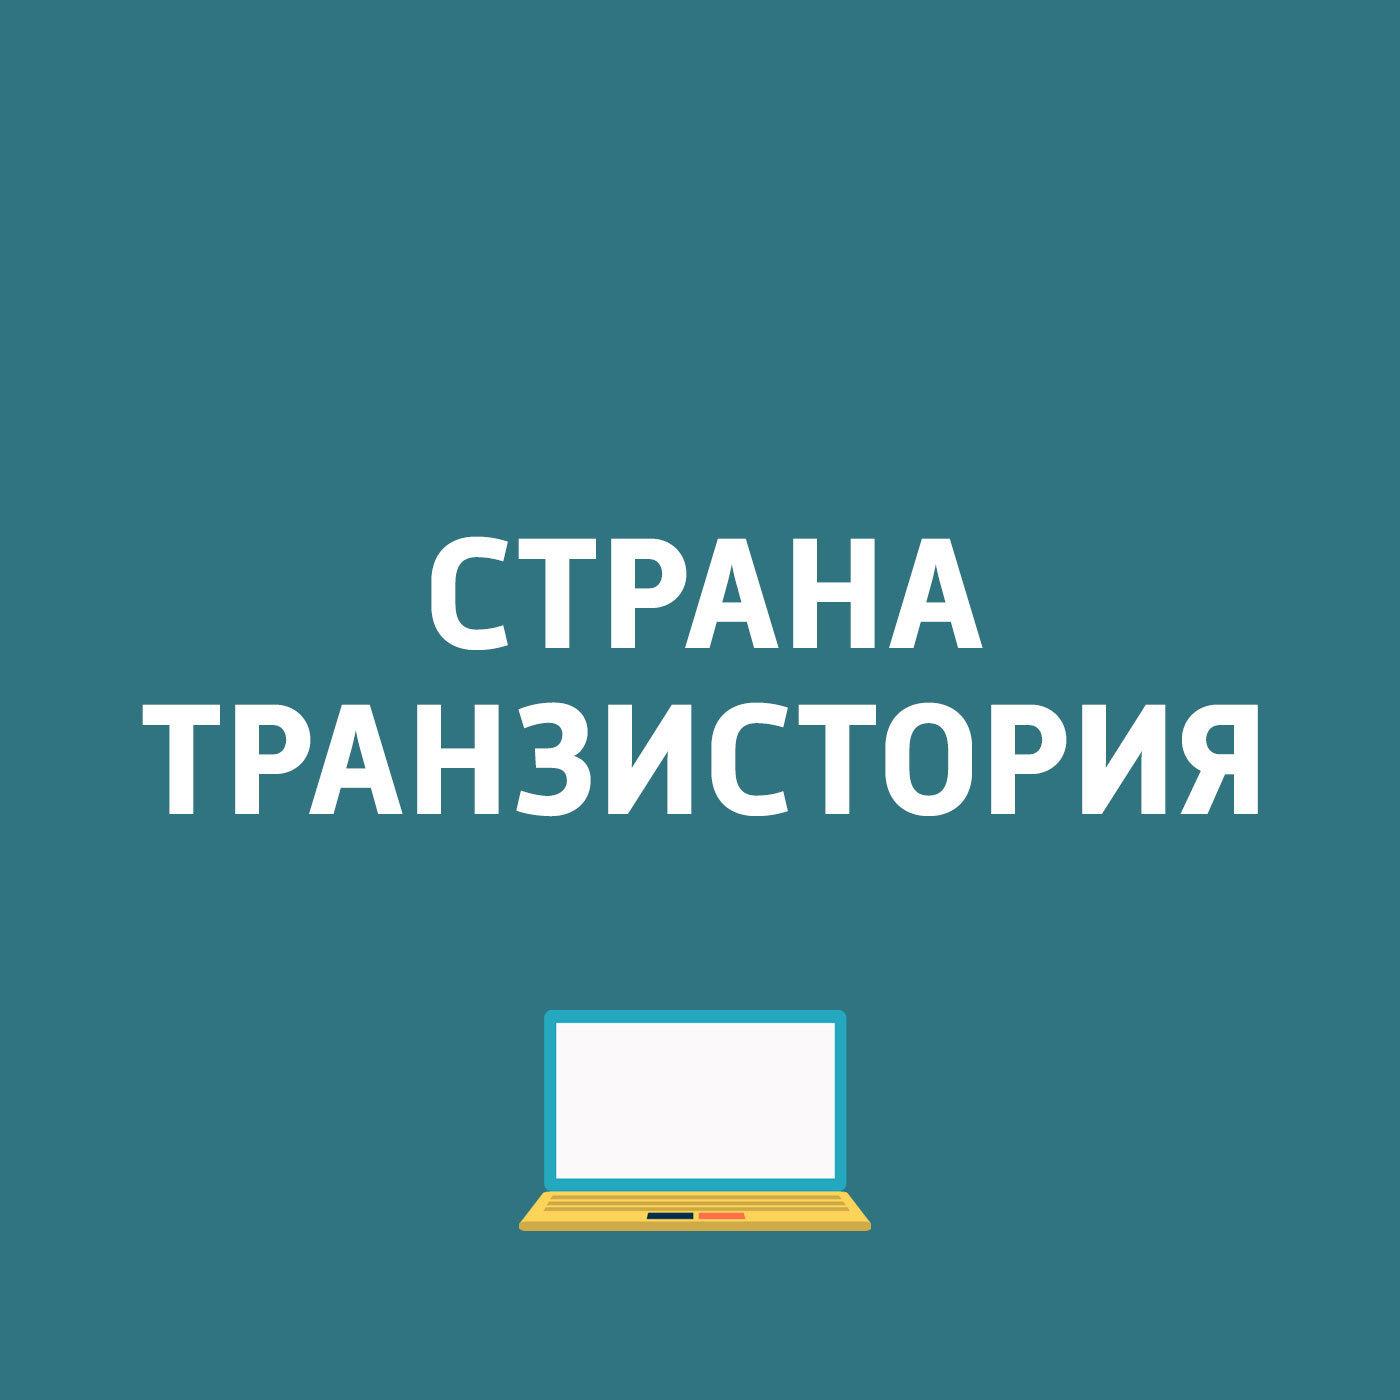 Картаев Павел Киберспорт признан официальным. Новый дизайн ВКонтакте. iPhone стало доступно приложение «Попутчик. «Яндекс» выпустил «Дзен»... картаев павел sony xperia x performance в рф huawei новый планшет секретные чаты в фб